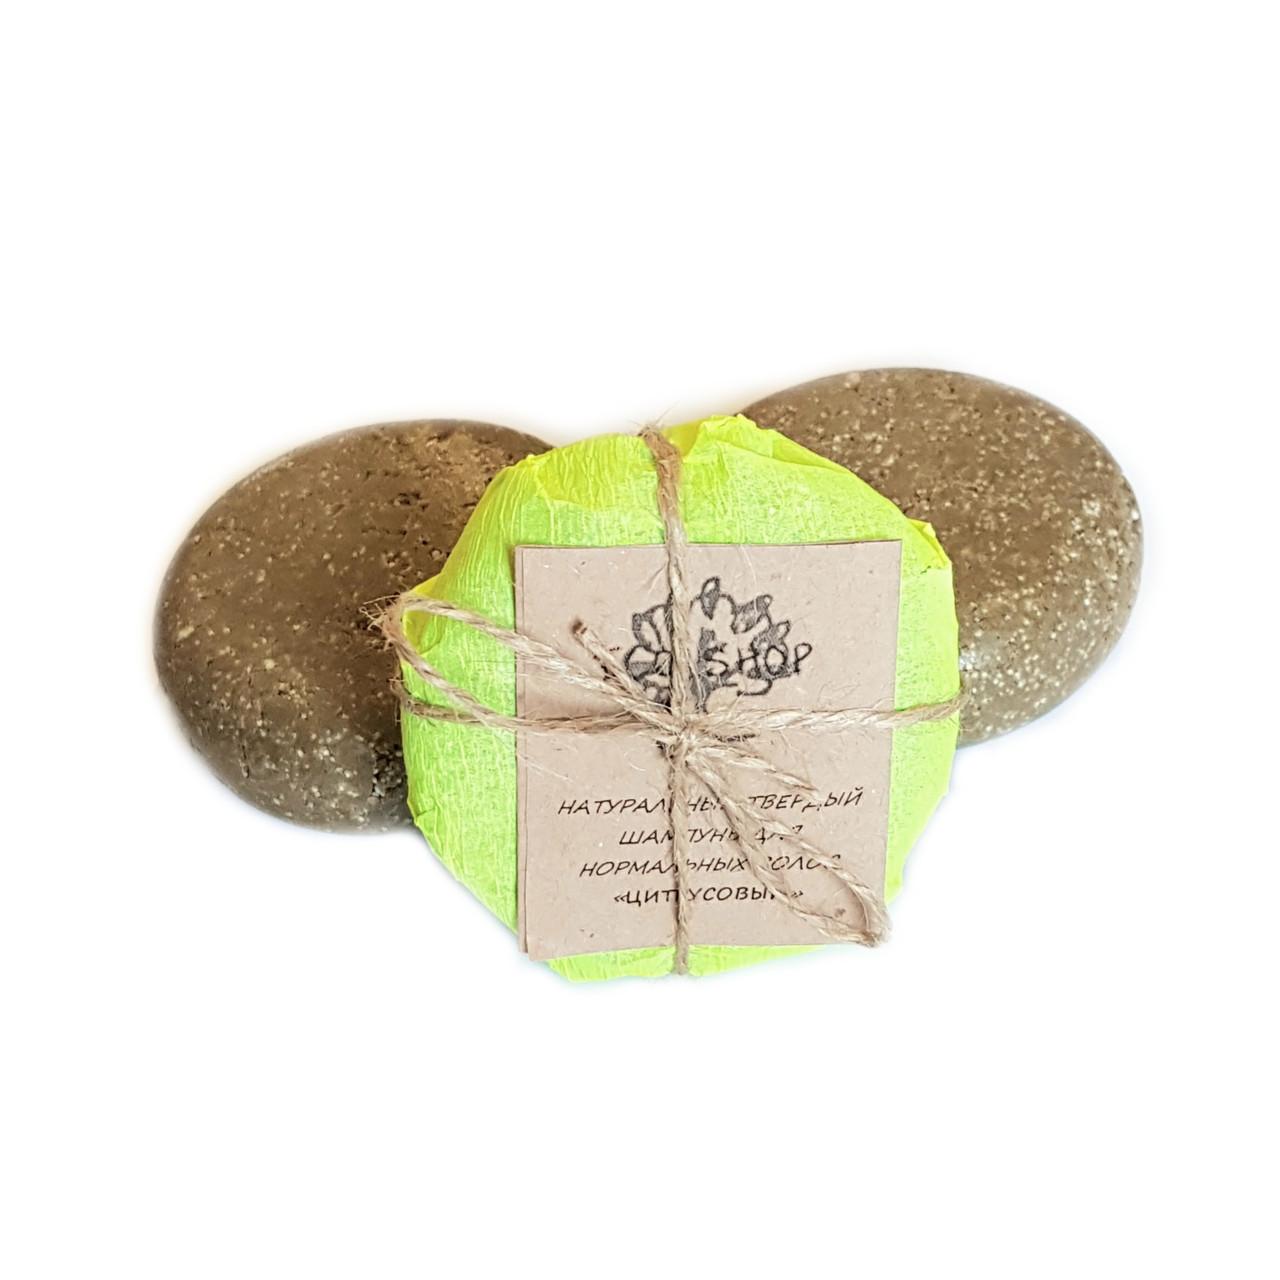 Натуральный твердый шампунь для нормальных волос Eco1shop «ЦИТРУСОВЫЙ»